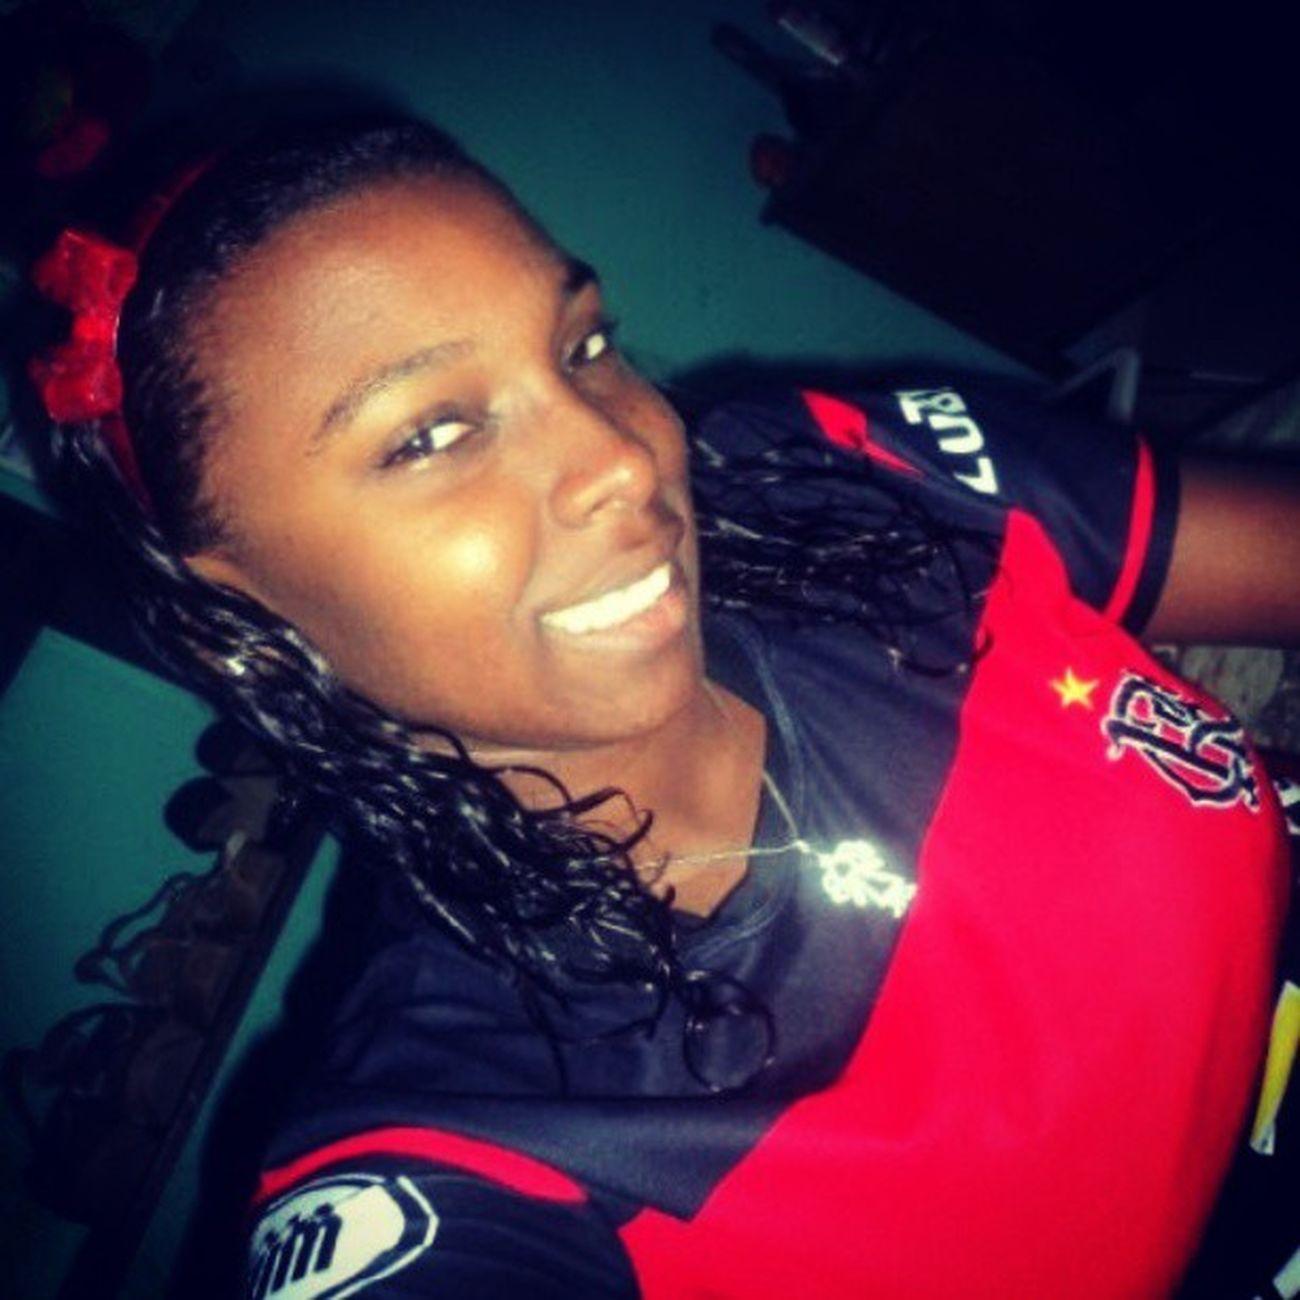 E quando me vê abre os braços me de um sorriso sou eu Negra linda...Luteminharaçaameminhacor